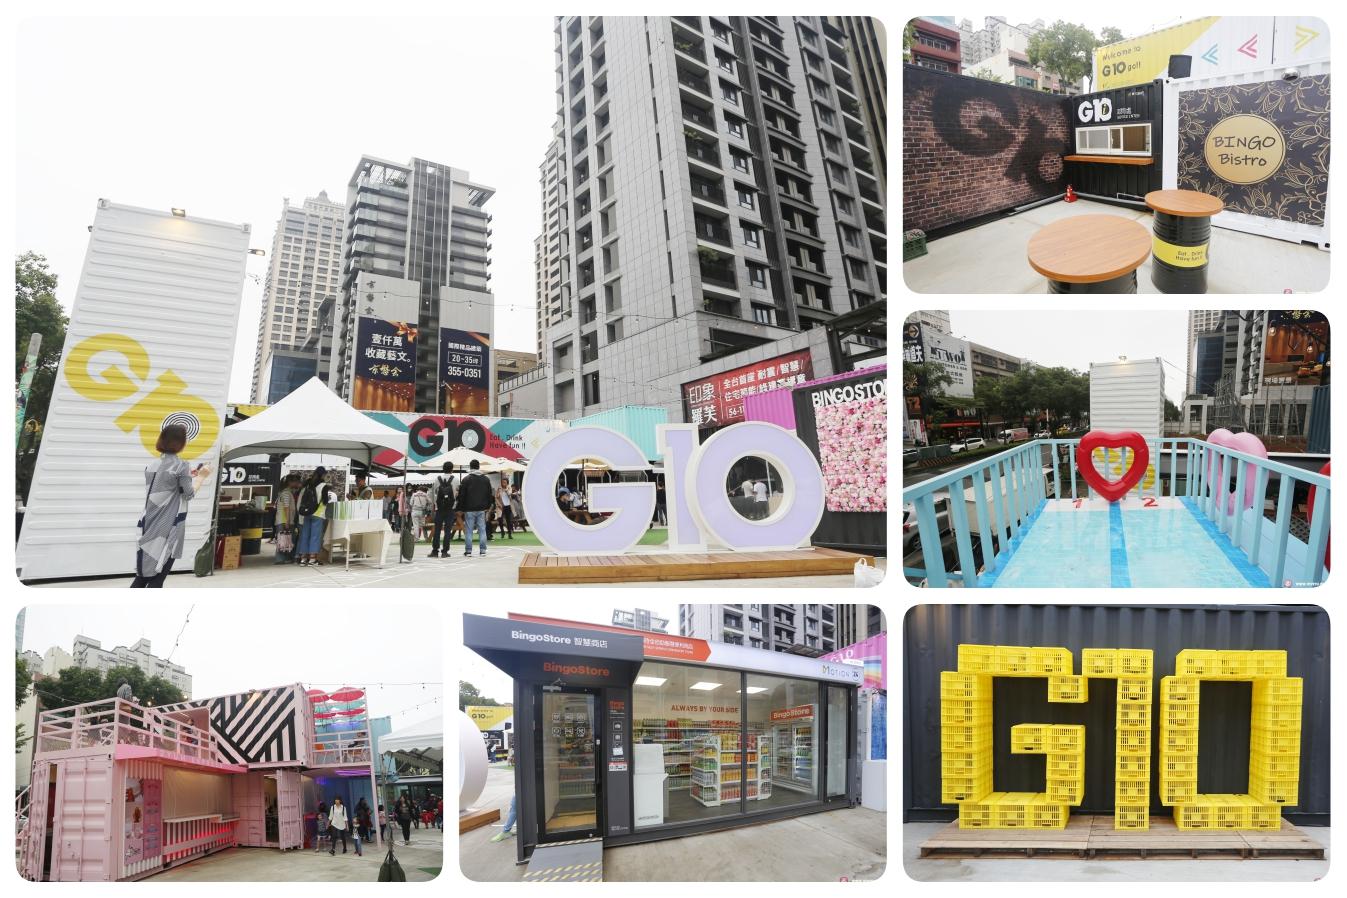 [桃園旅遊]G10 GO ! 市集~中正藝文特區裡新開的貨櫃市集有工業風、網美風與文青風主題貨櫃.還有無人智慧商店